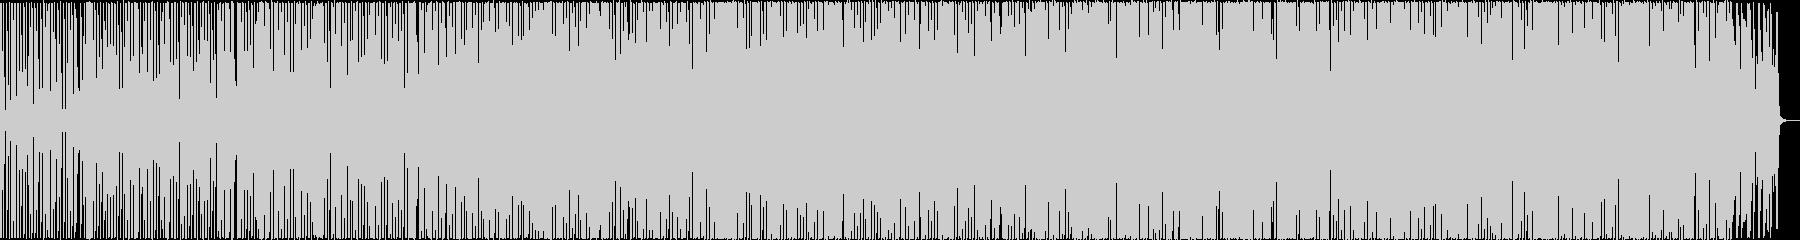 マリンバをメインにした不思議な民族音楽の未再生の波形